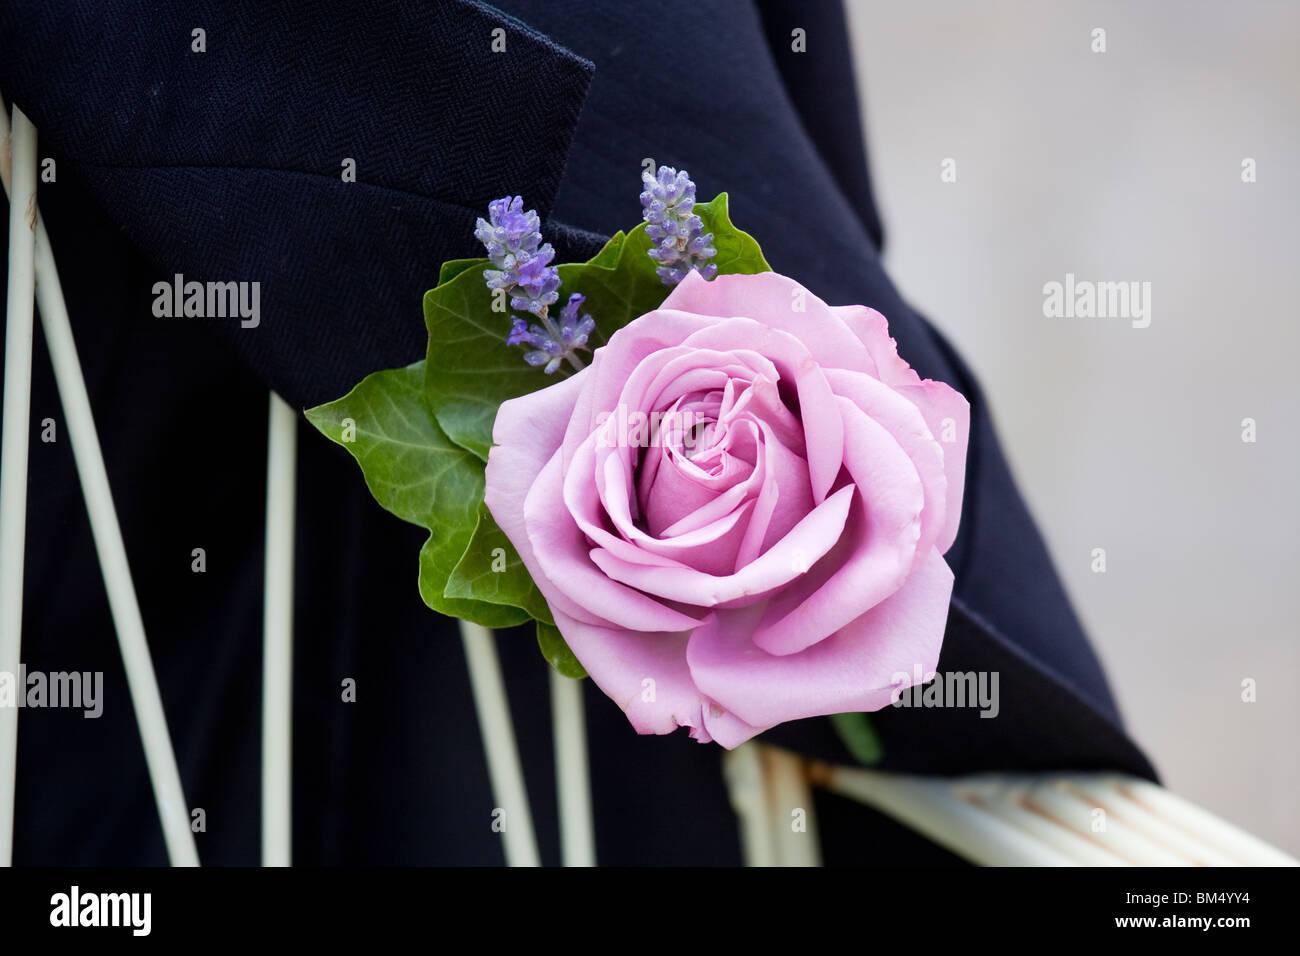 Trou du bouton de rose fleur sur une veste de mariés Photo Stock